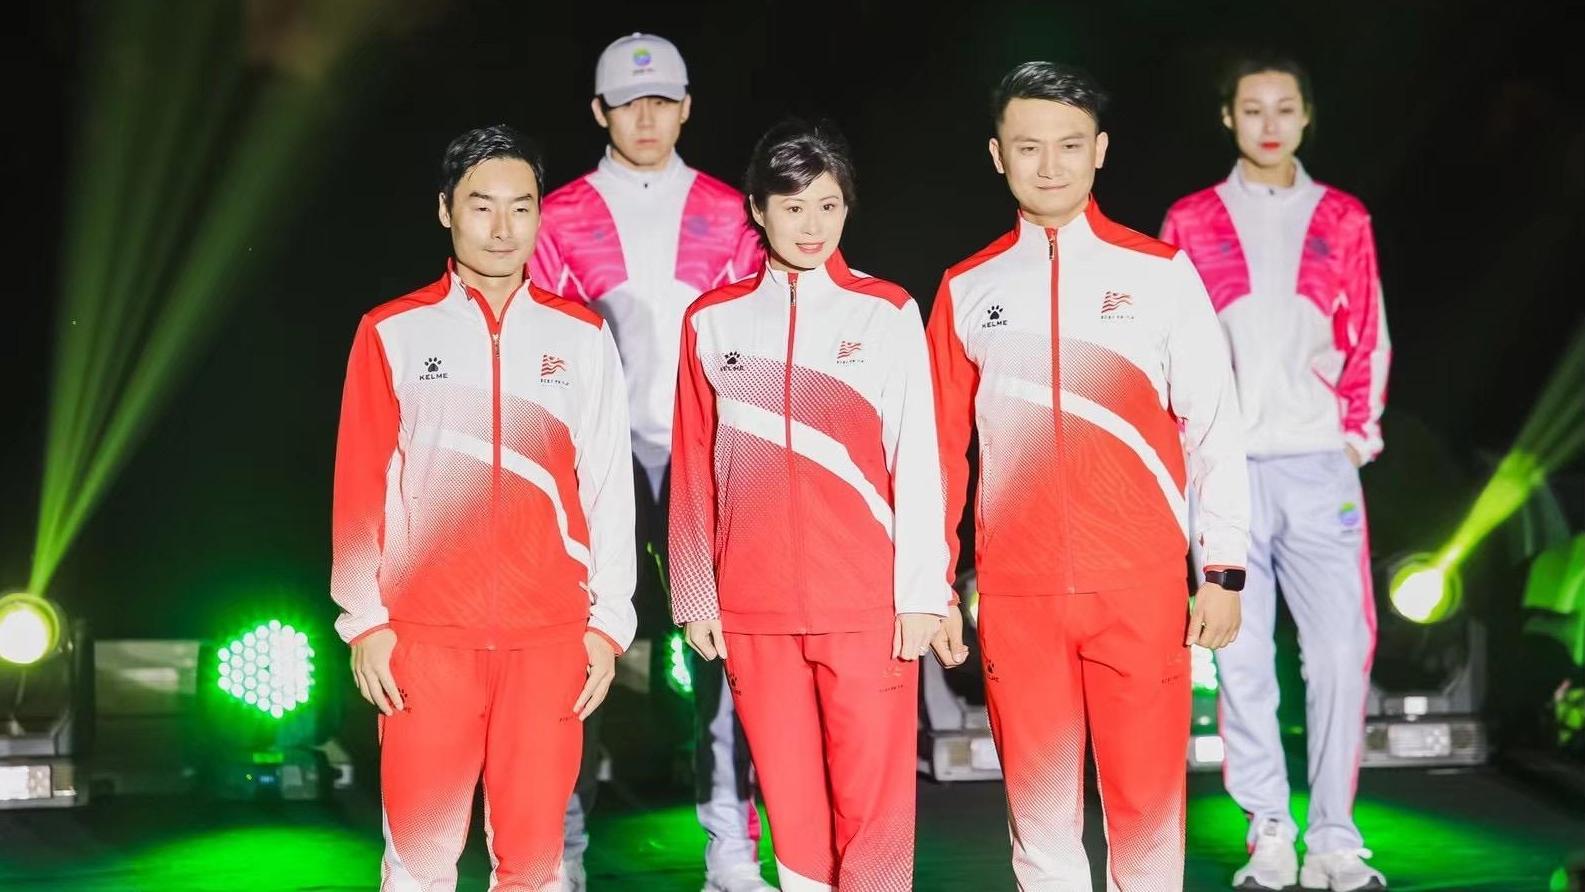 第十四届全运会官方体育服装发布